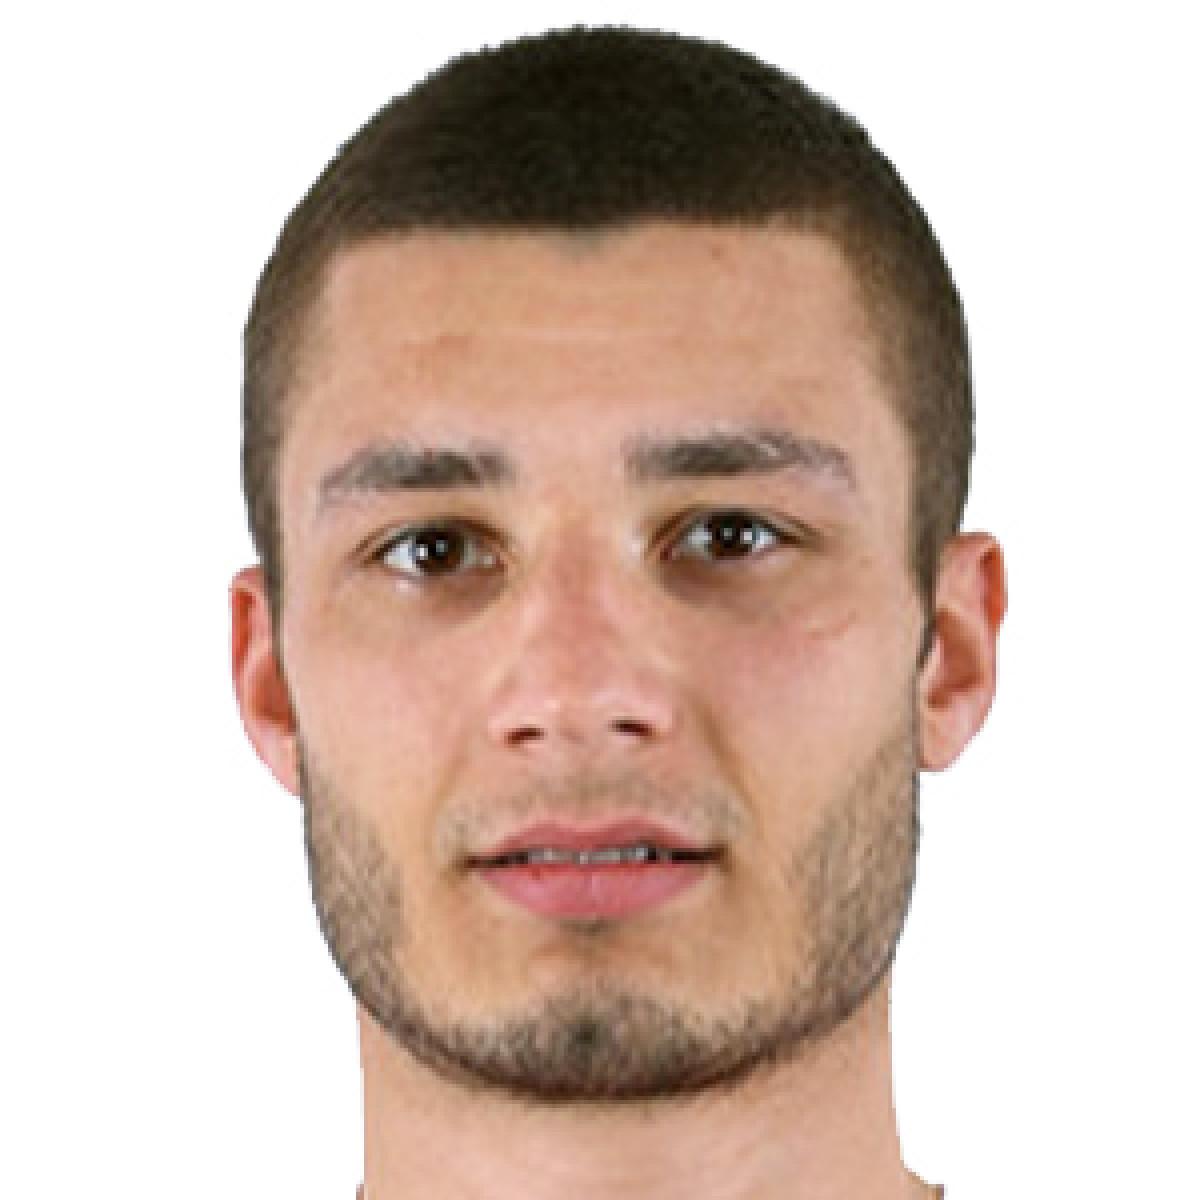 Nikodem Sirijatowicz